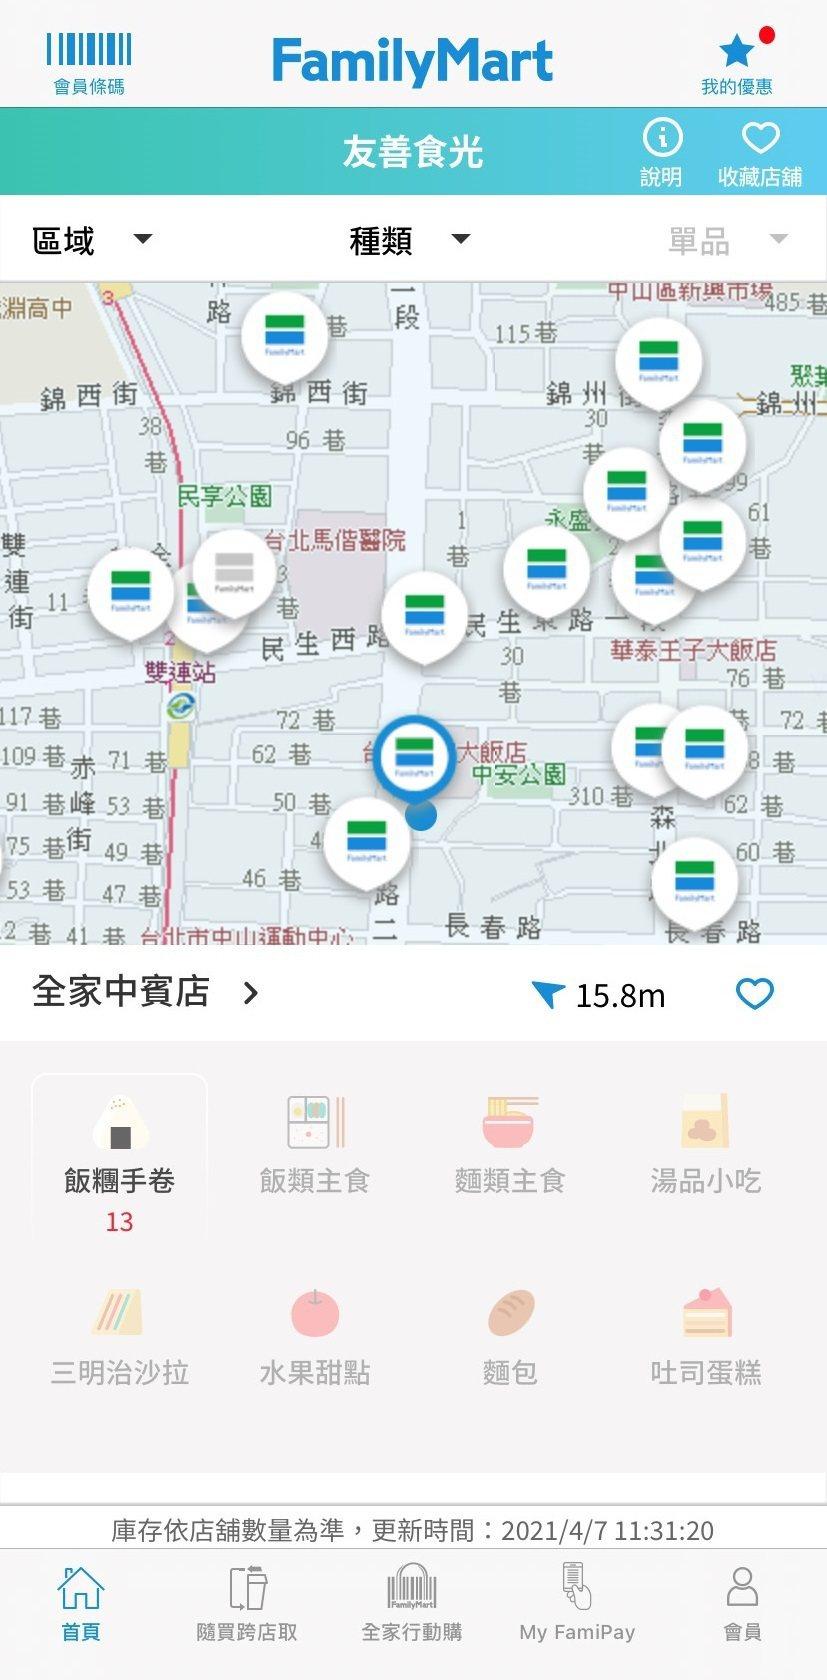 全家便利商店獨創會員App「友善地圖」功能,可透過 「即時定位」、「店舖收藏」、...